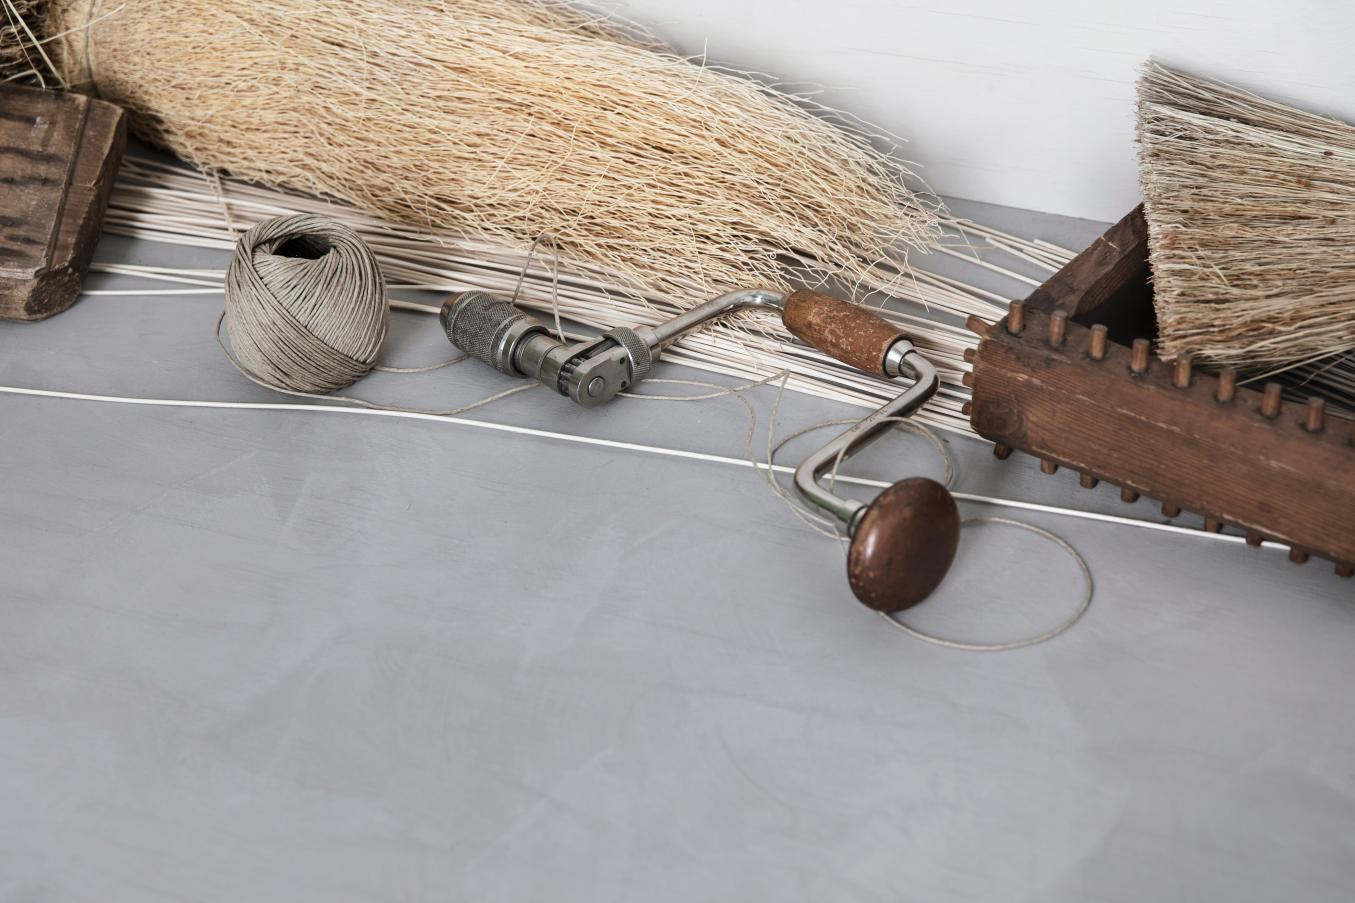 Perinteisiä näkövammaiskäsityön työvälineitä ja -materiaaleja muun muassa haukisiimaa, rottinkia ja riisinolkea.